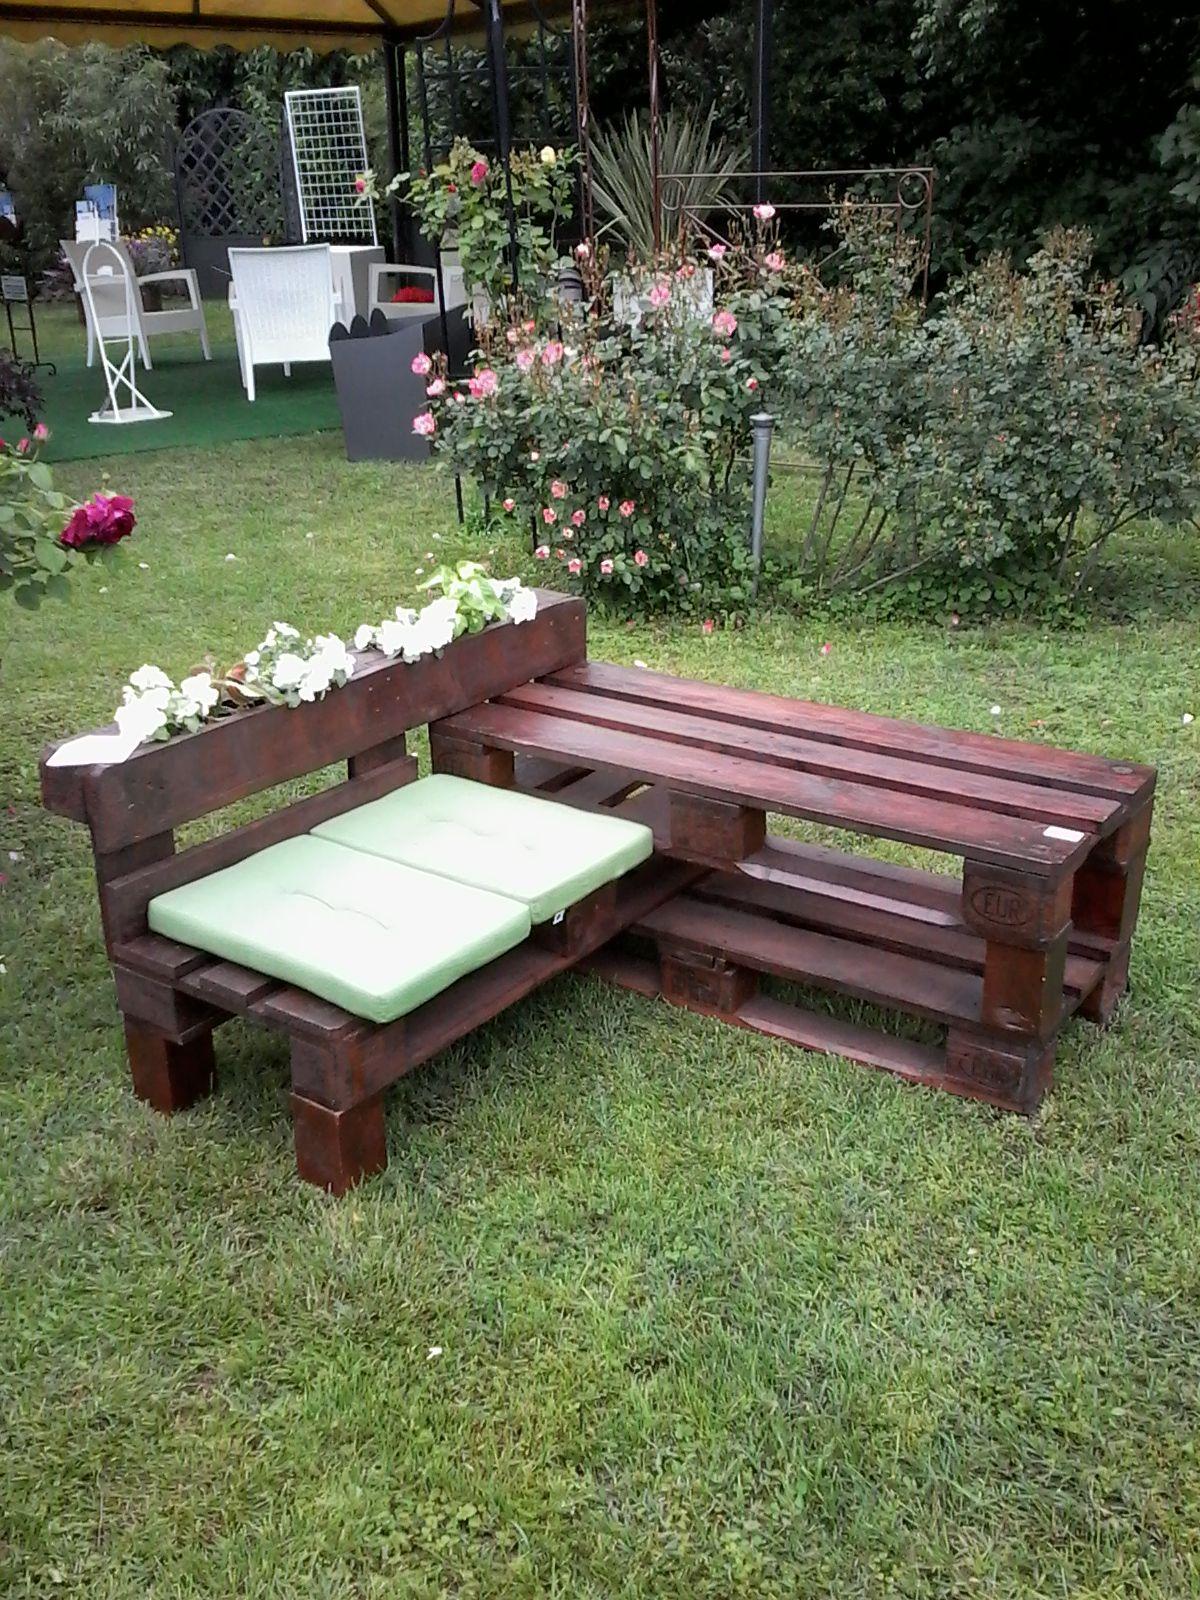 Ensemble Table Banc Jardiniere Avec Images Meuble Jardin Palette Mobilier Exterieur En Palettes Bancs De Jardin Palettes